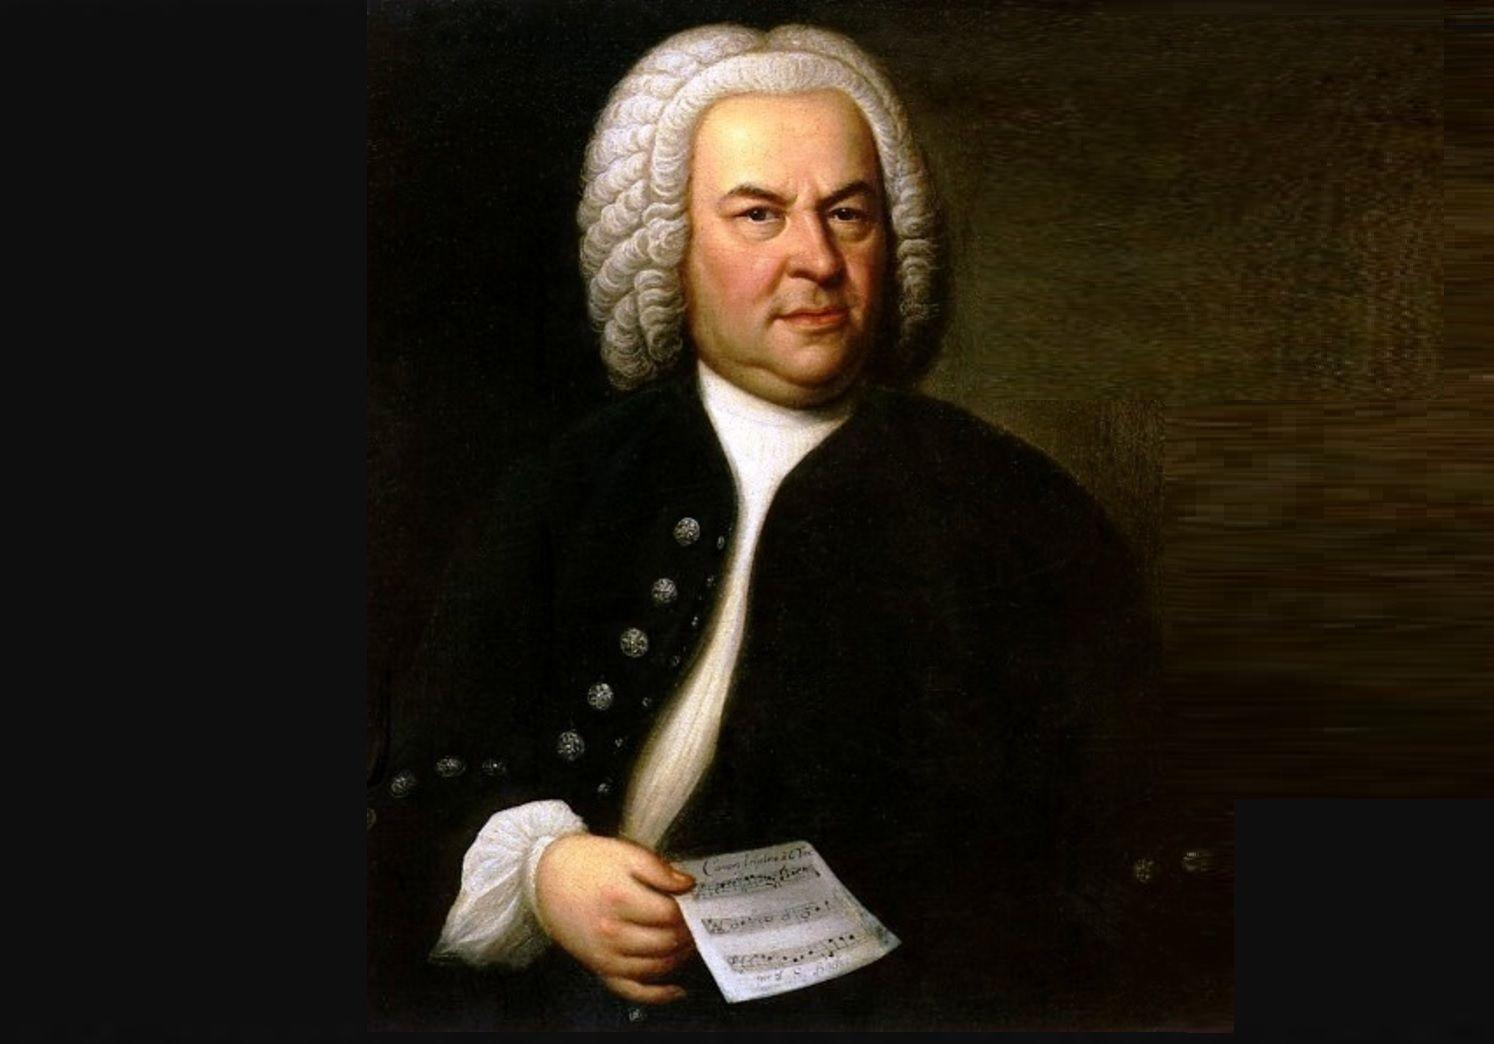 Os Concertos de Brandenburgo, de Johann Sebastian Bach